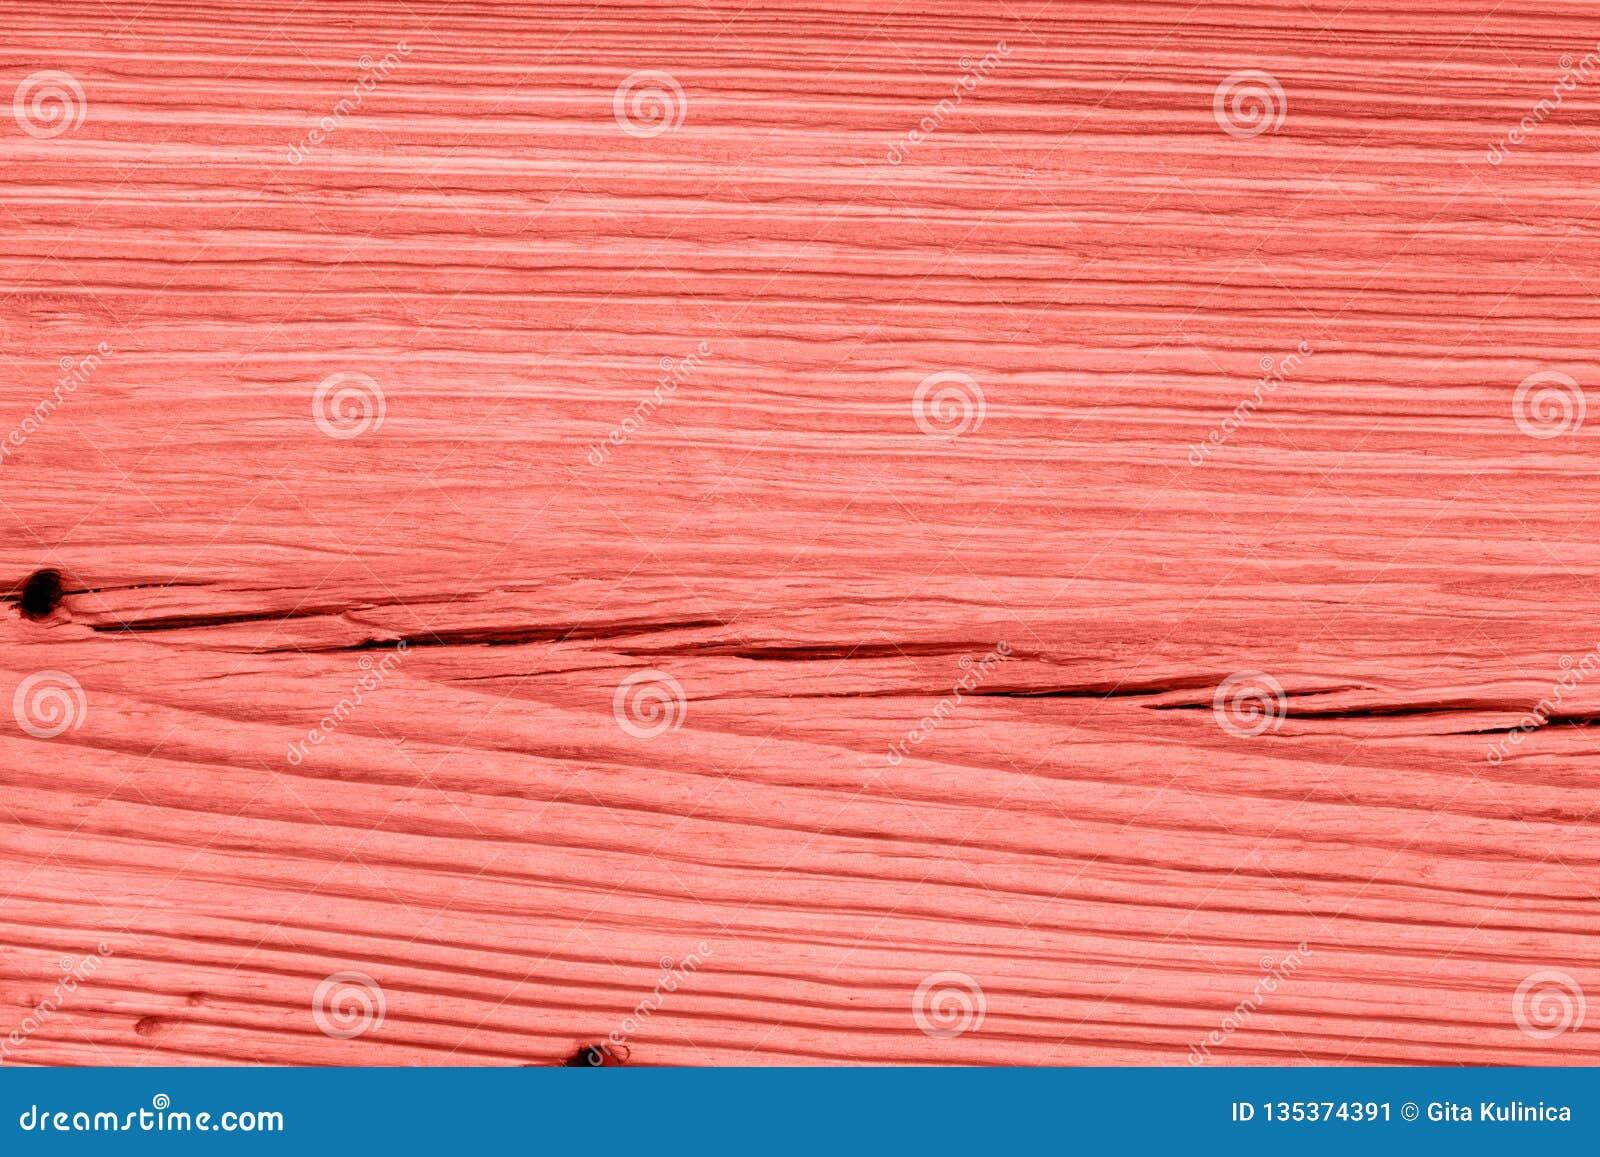 Textura de madeira coral de vida do vintage abstraia o fundo